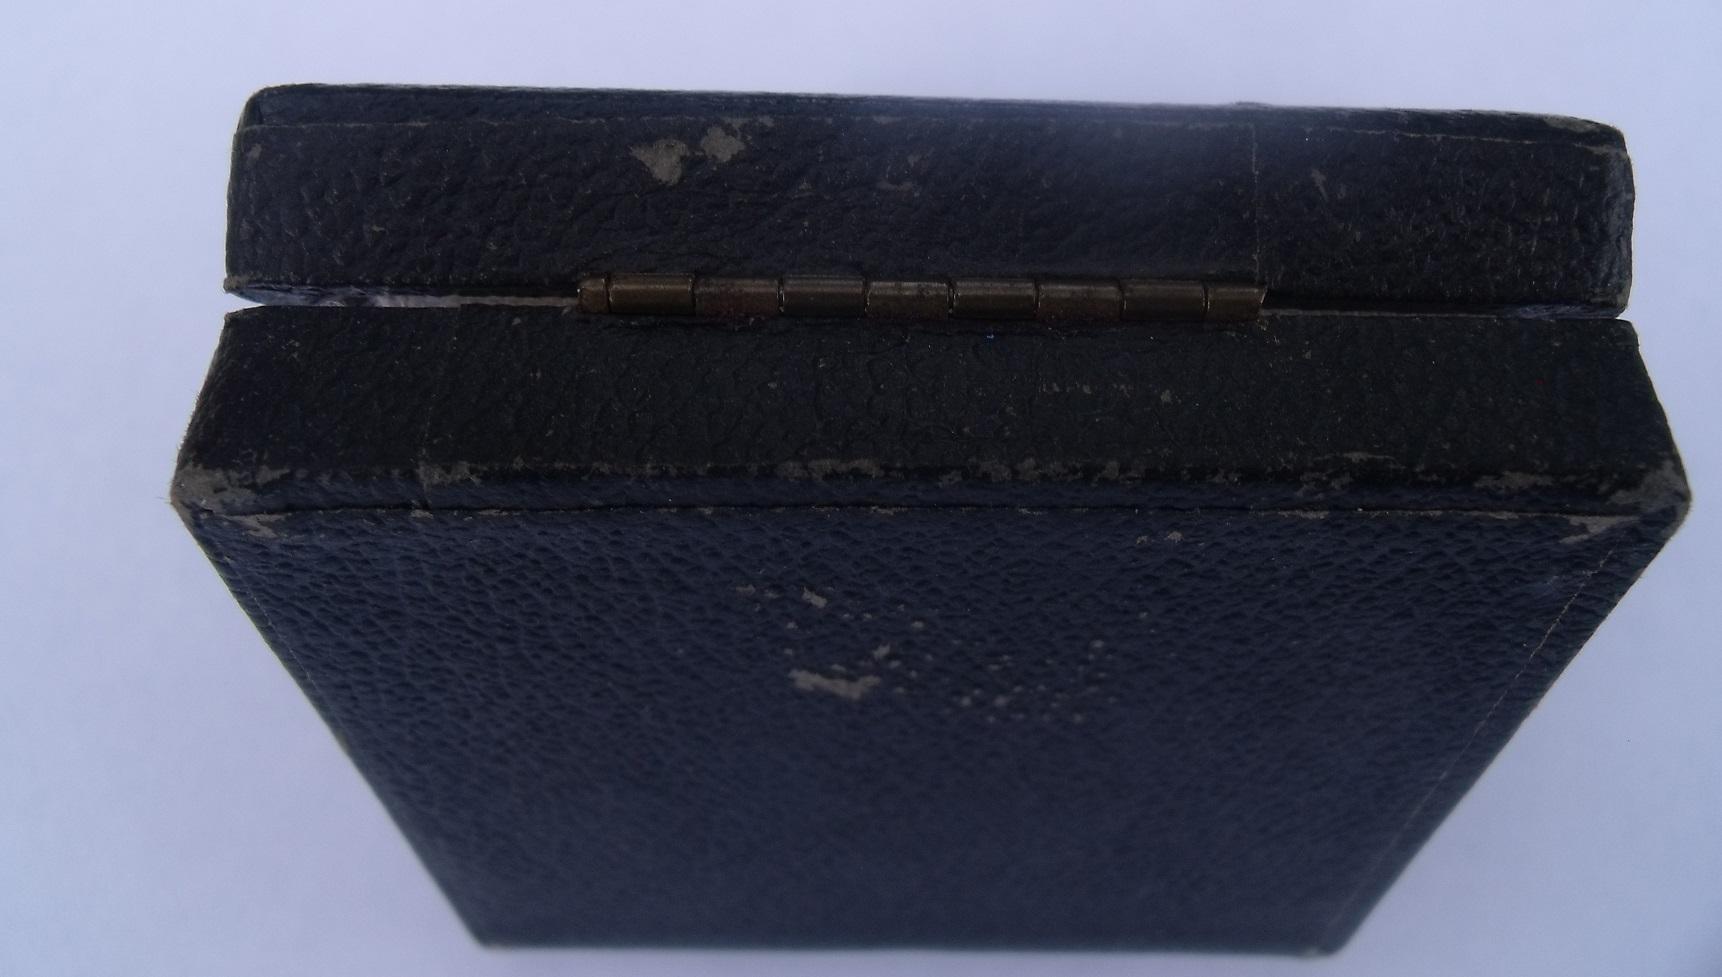 Ecrins pour Croix de Fer de 1ère Classe (EK1) 1914, 1939 et 1957 2ng4yed